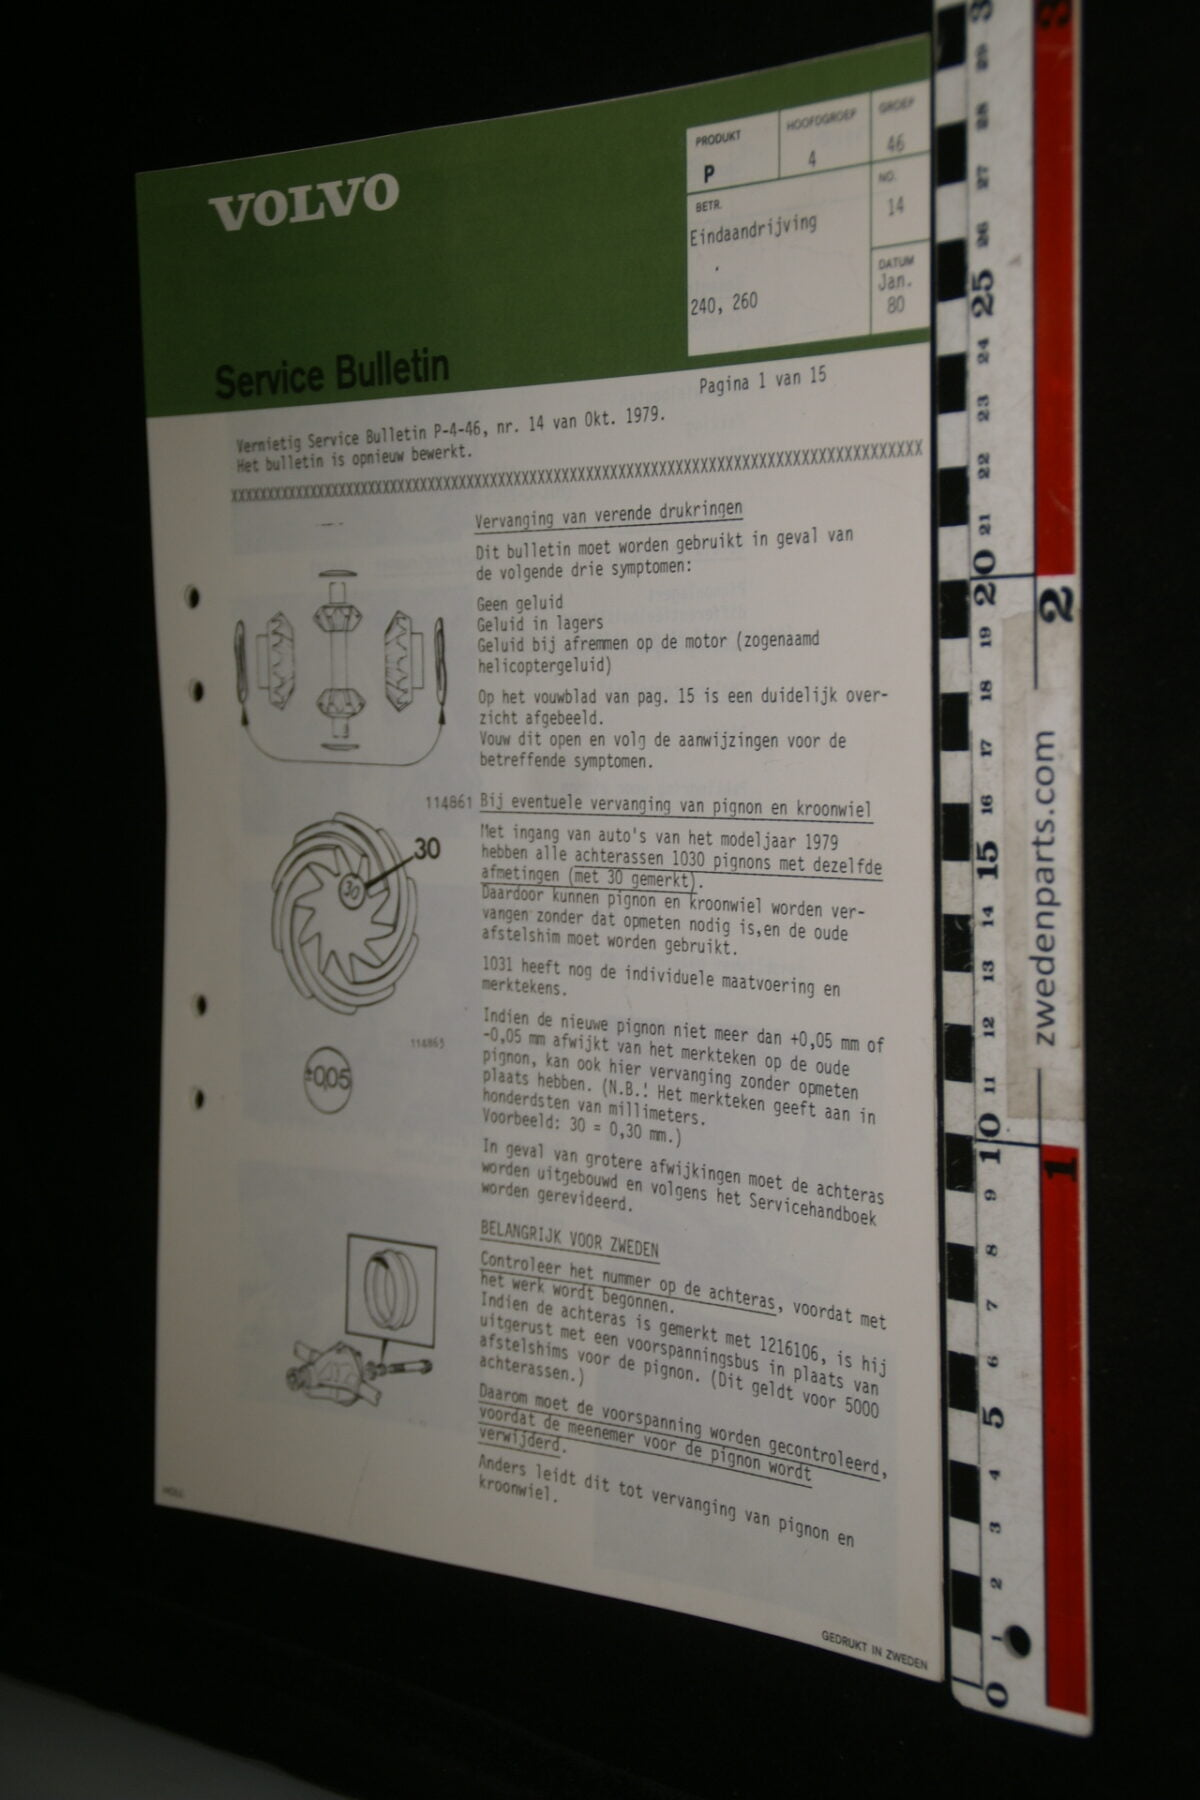 DSC00334 1980 origineel Volvo 240 260 servicebulletin 15 bladzijden eindaandrijving-fb01b948